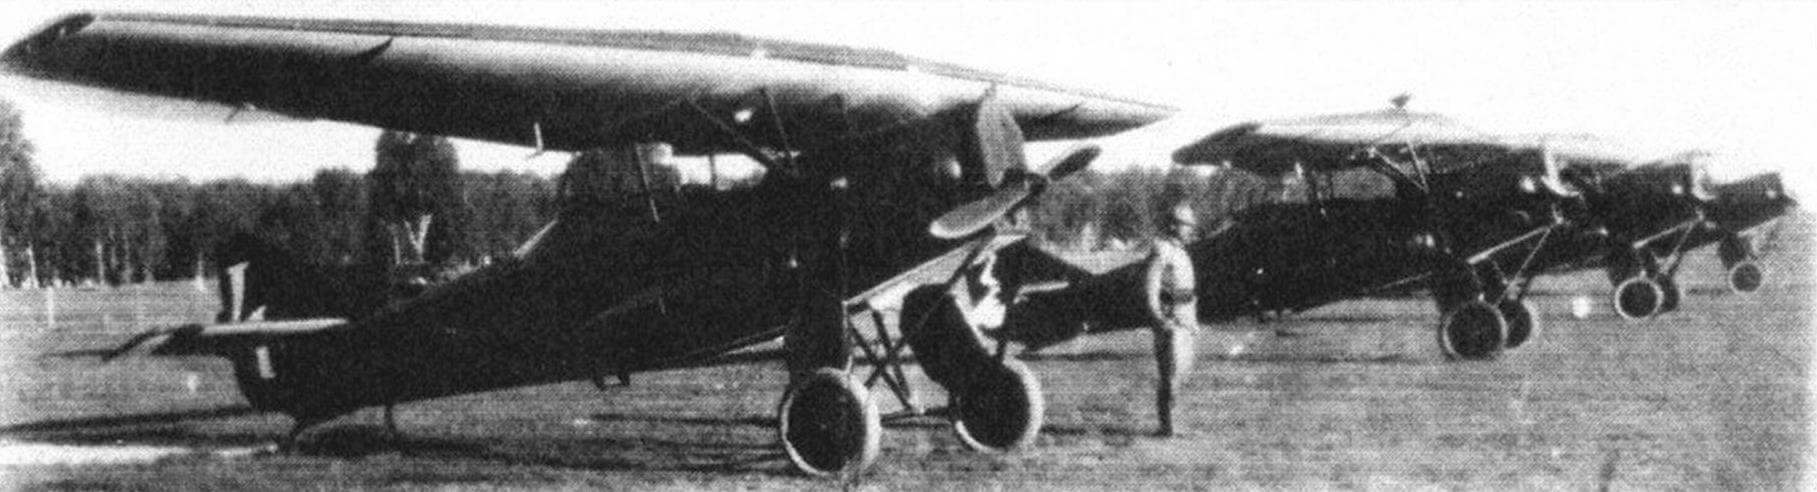 Строй Ю-21 одного из авиаотрядов ВВС РККА, 1927 г.